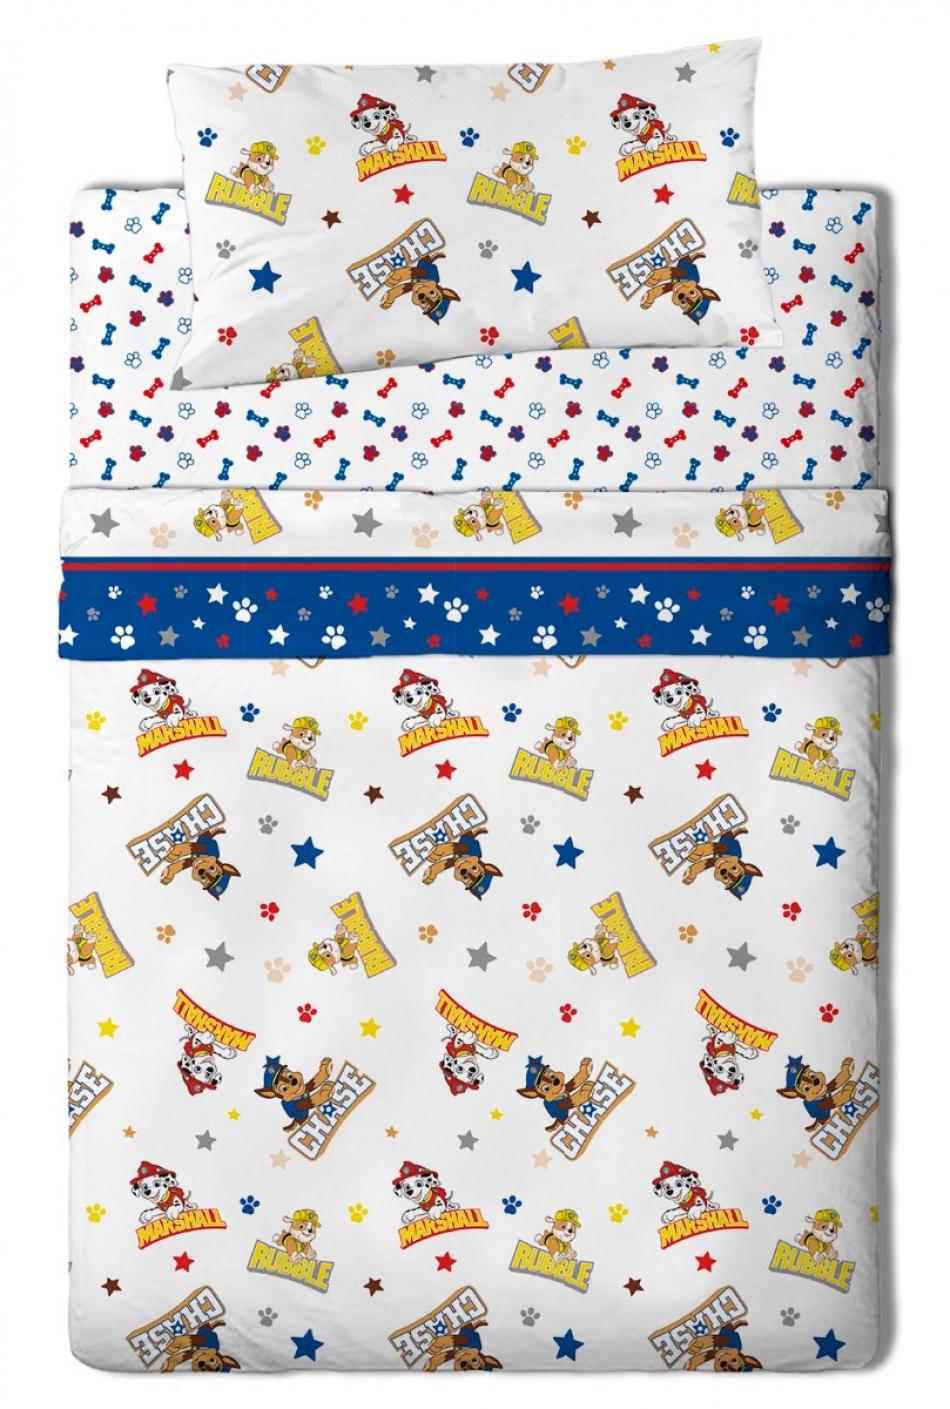 Juego de sábanas de franela para cama de 105 cm con 3 piezas La Patrulla Canina